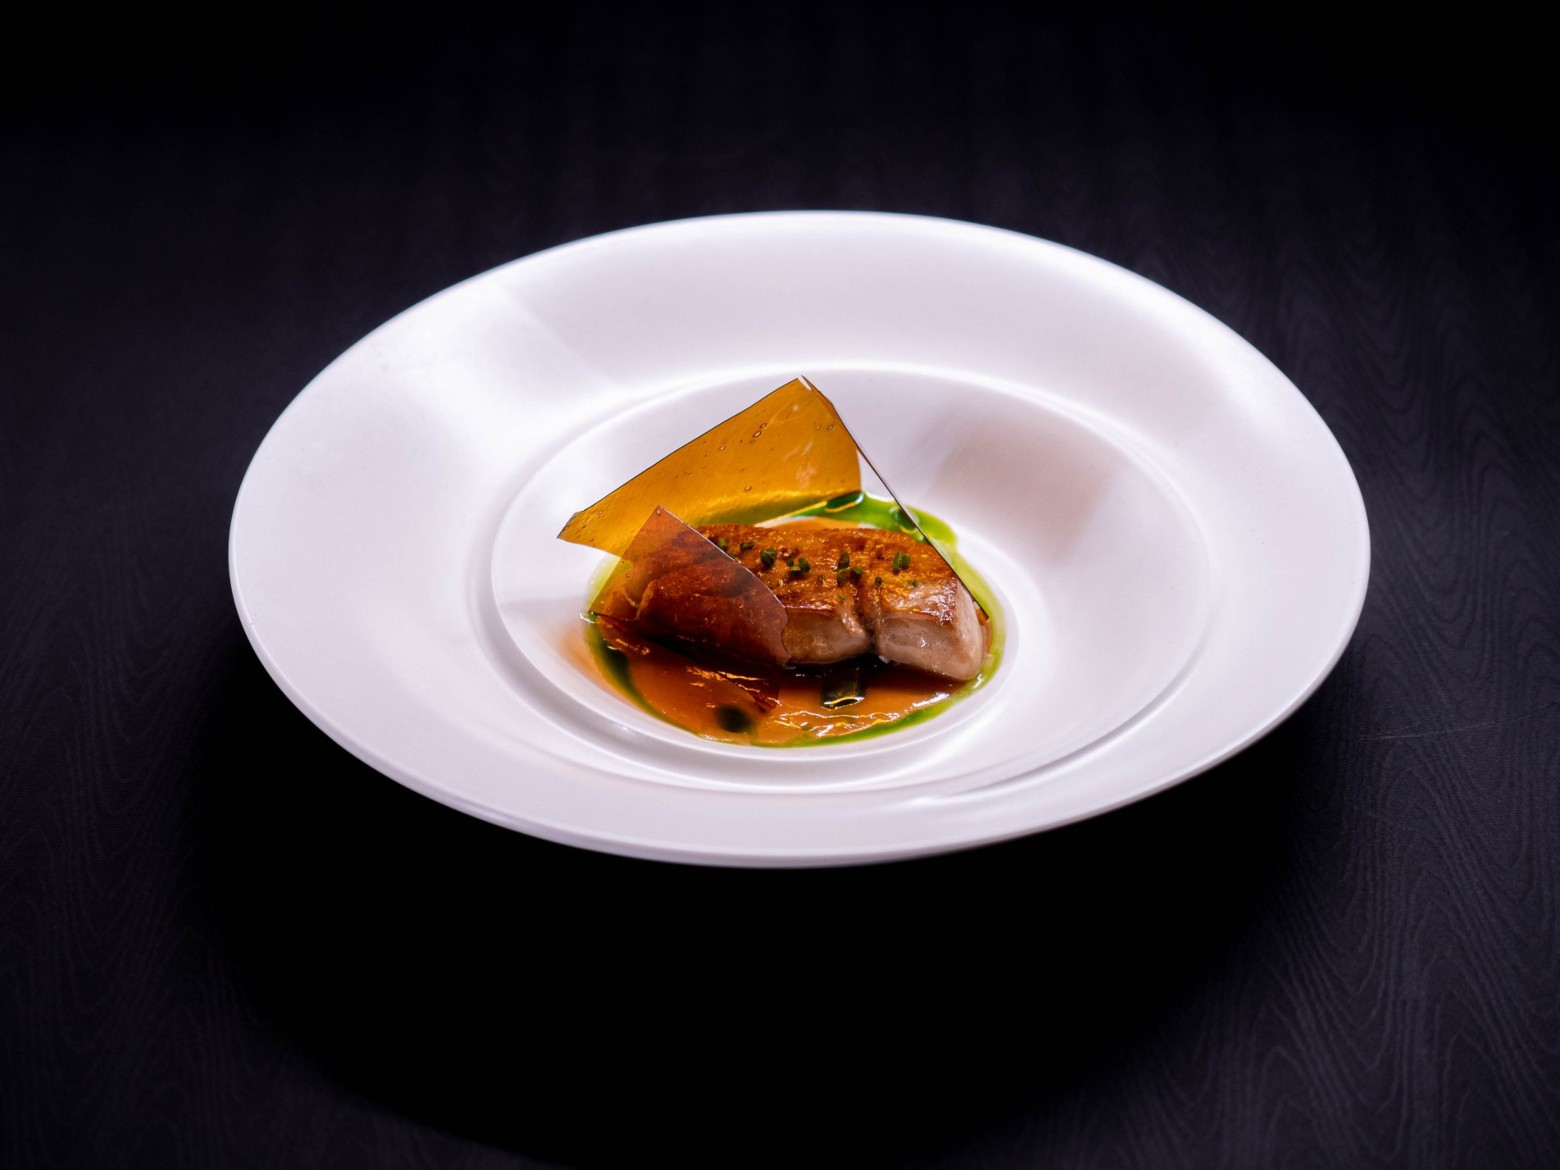 嫩煎鴨肝 康普茶,蘋果與焦化洋蔥(ULV 提供)